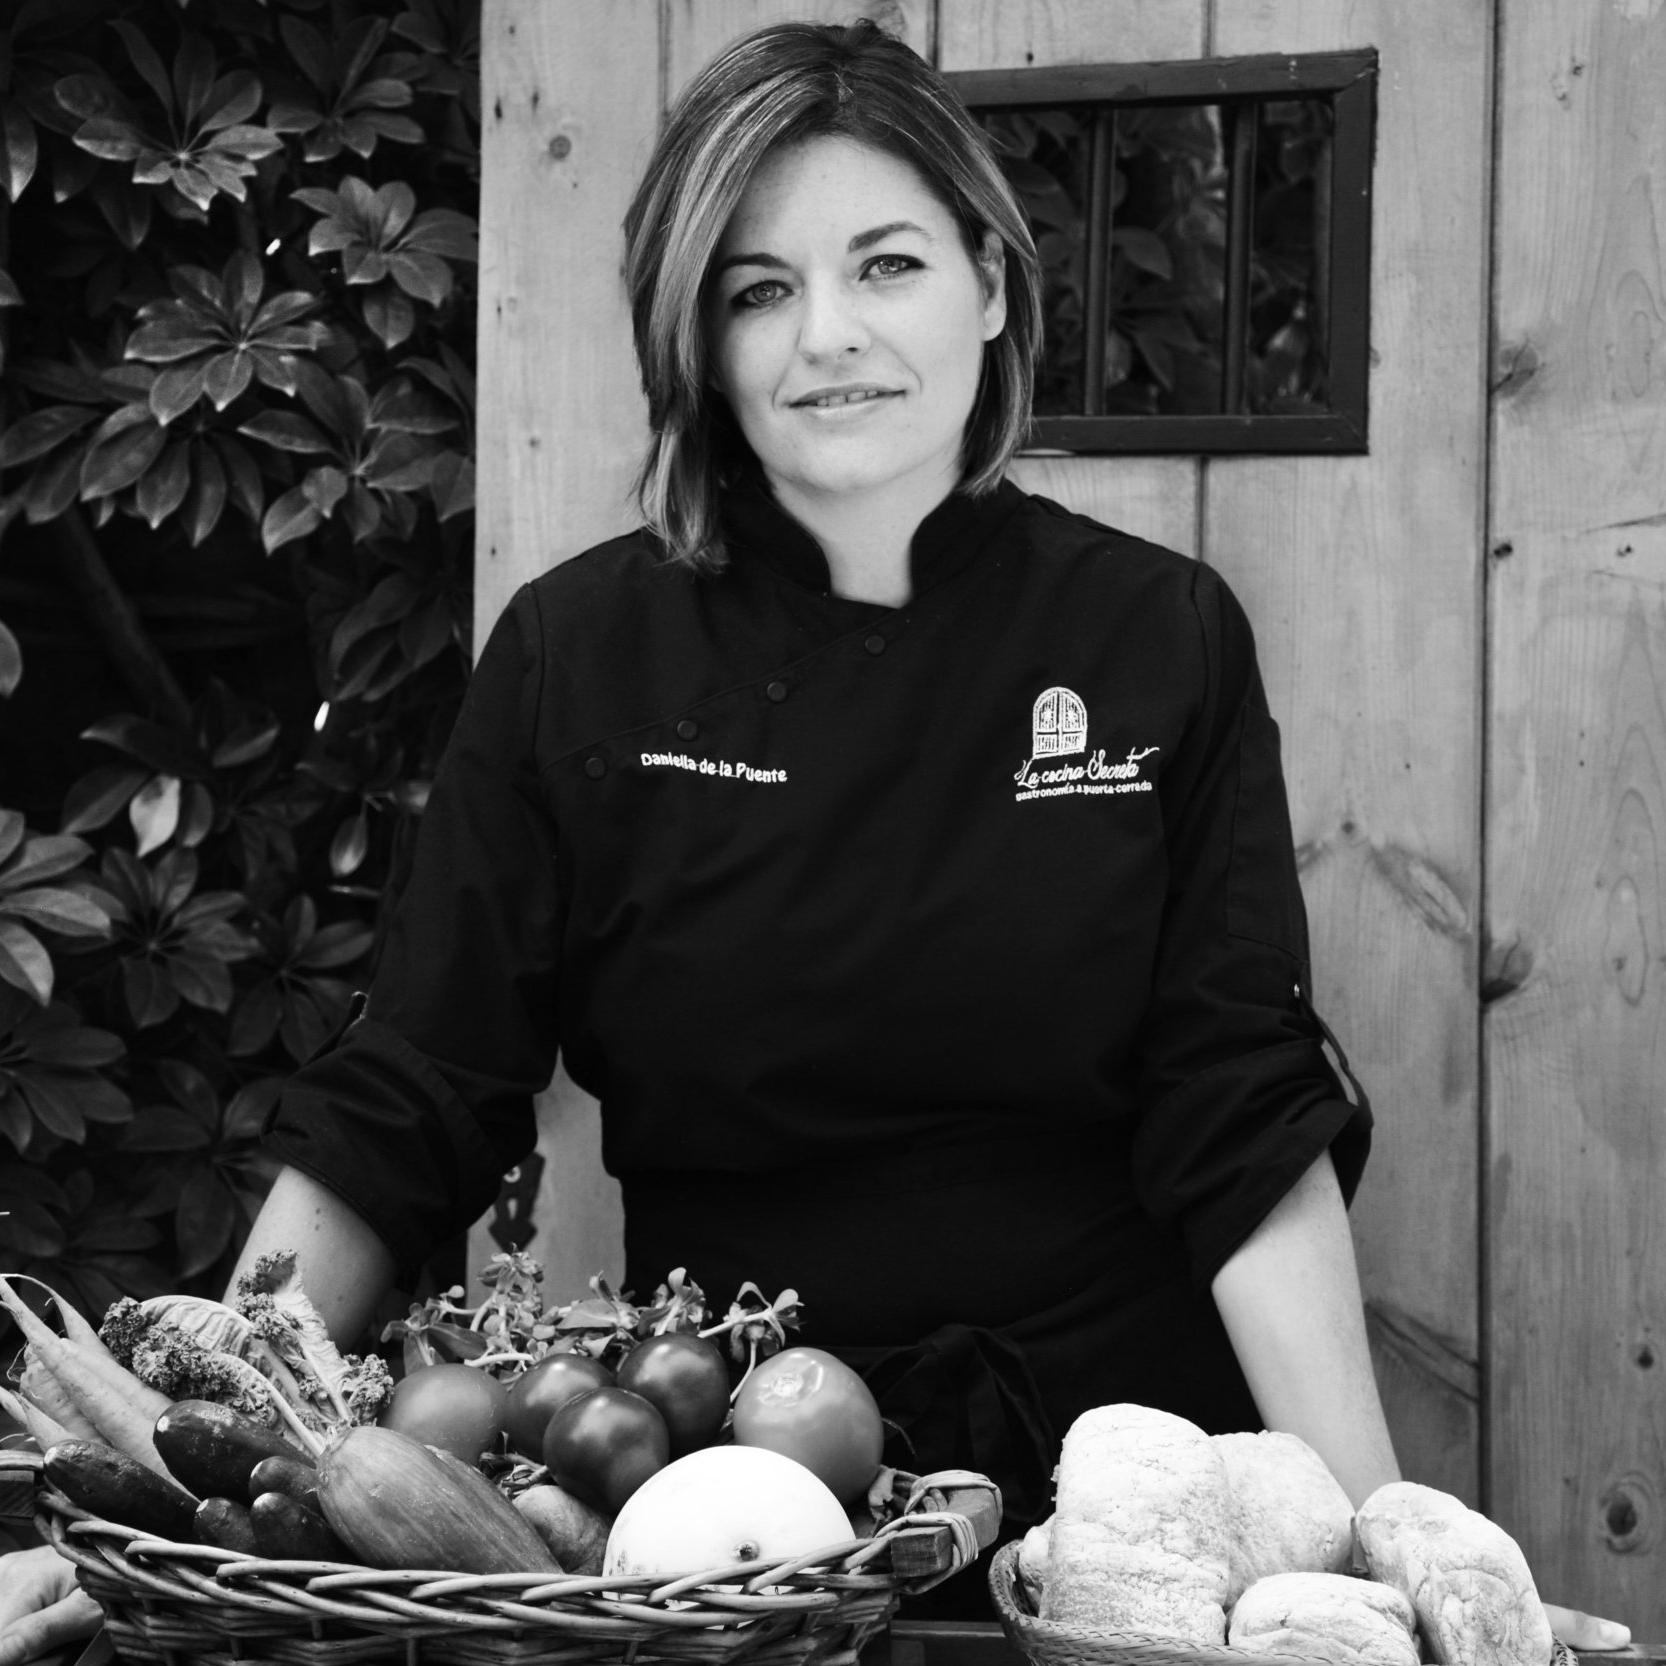 Chef Daniela De la Puente